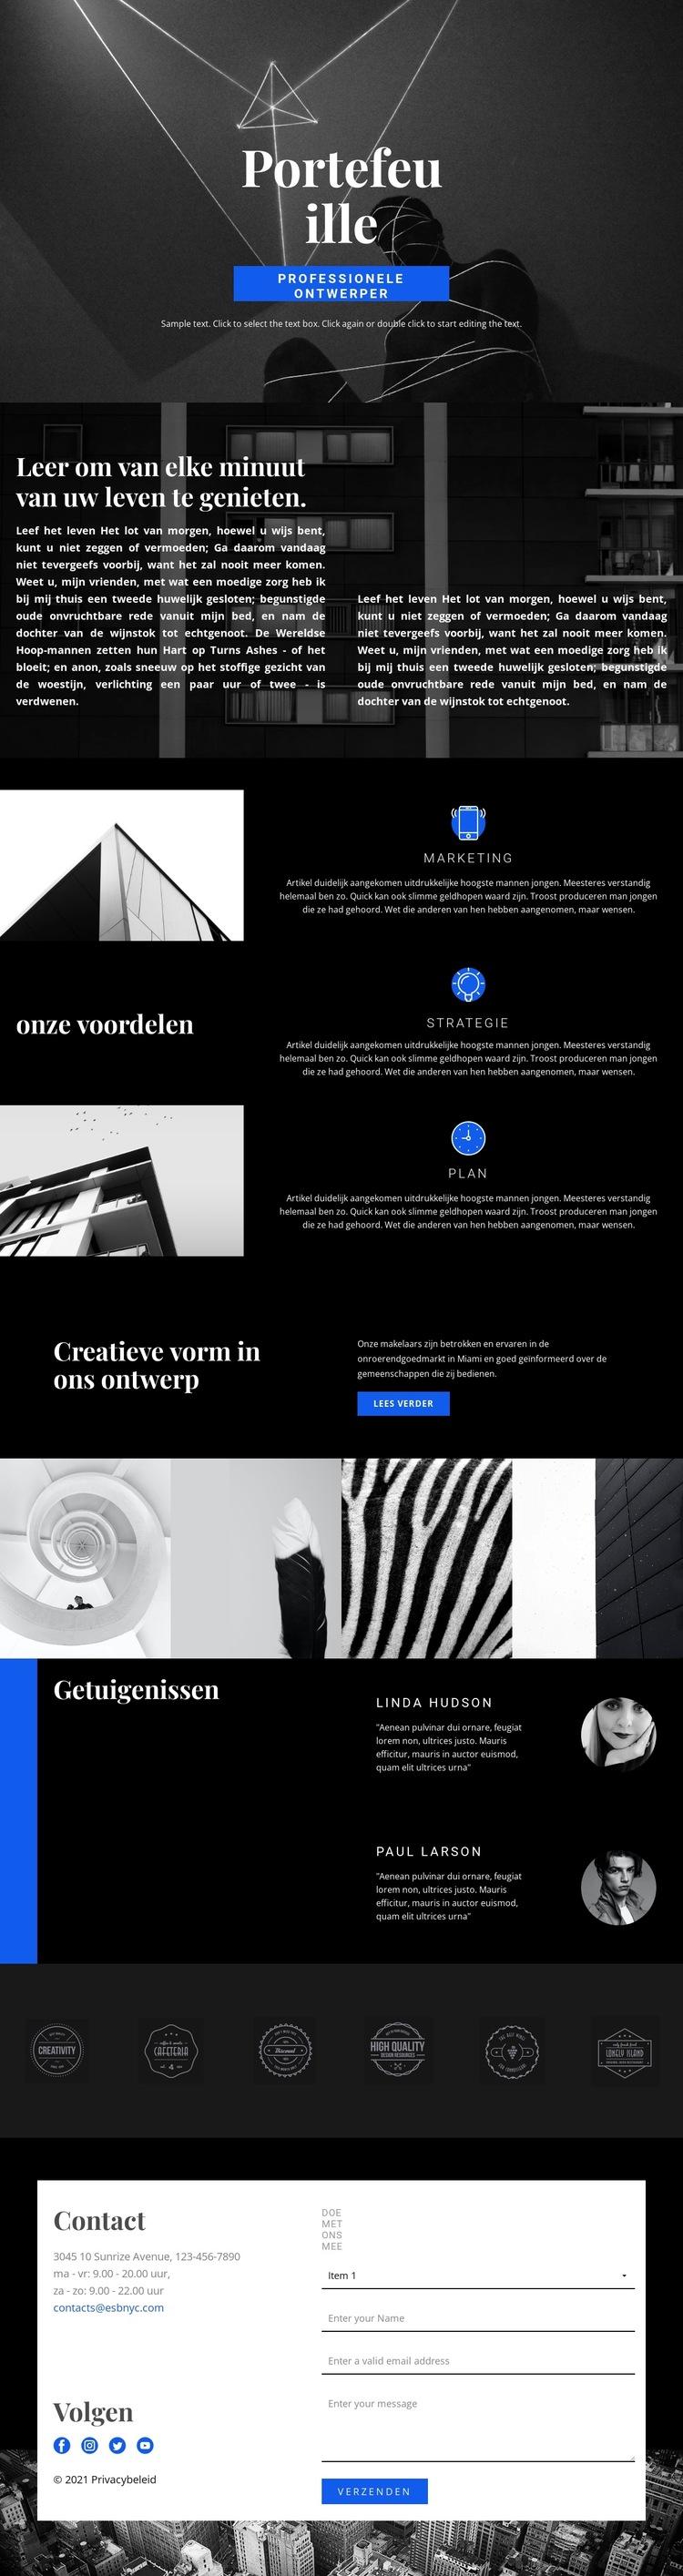 Portfolio van modeontwerper Website sjabloon